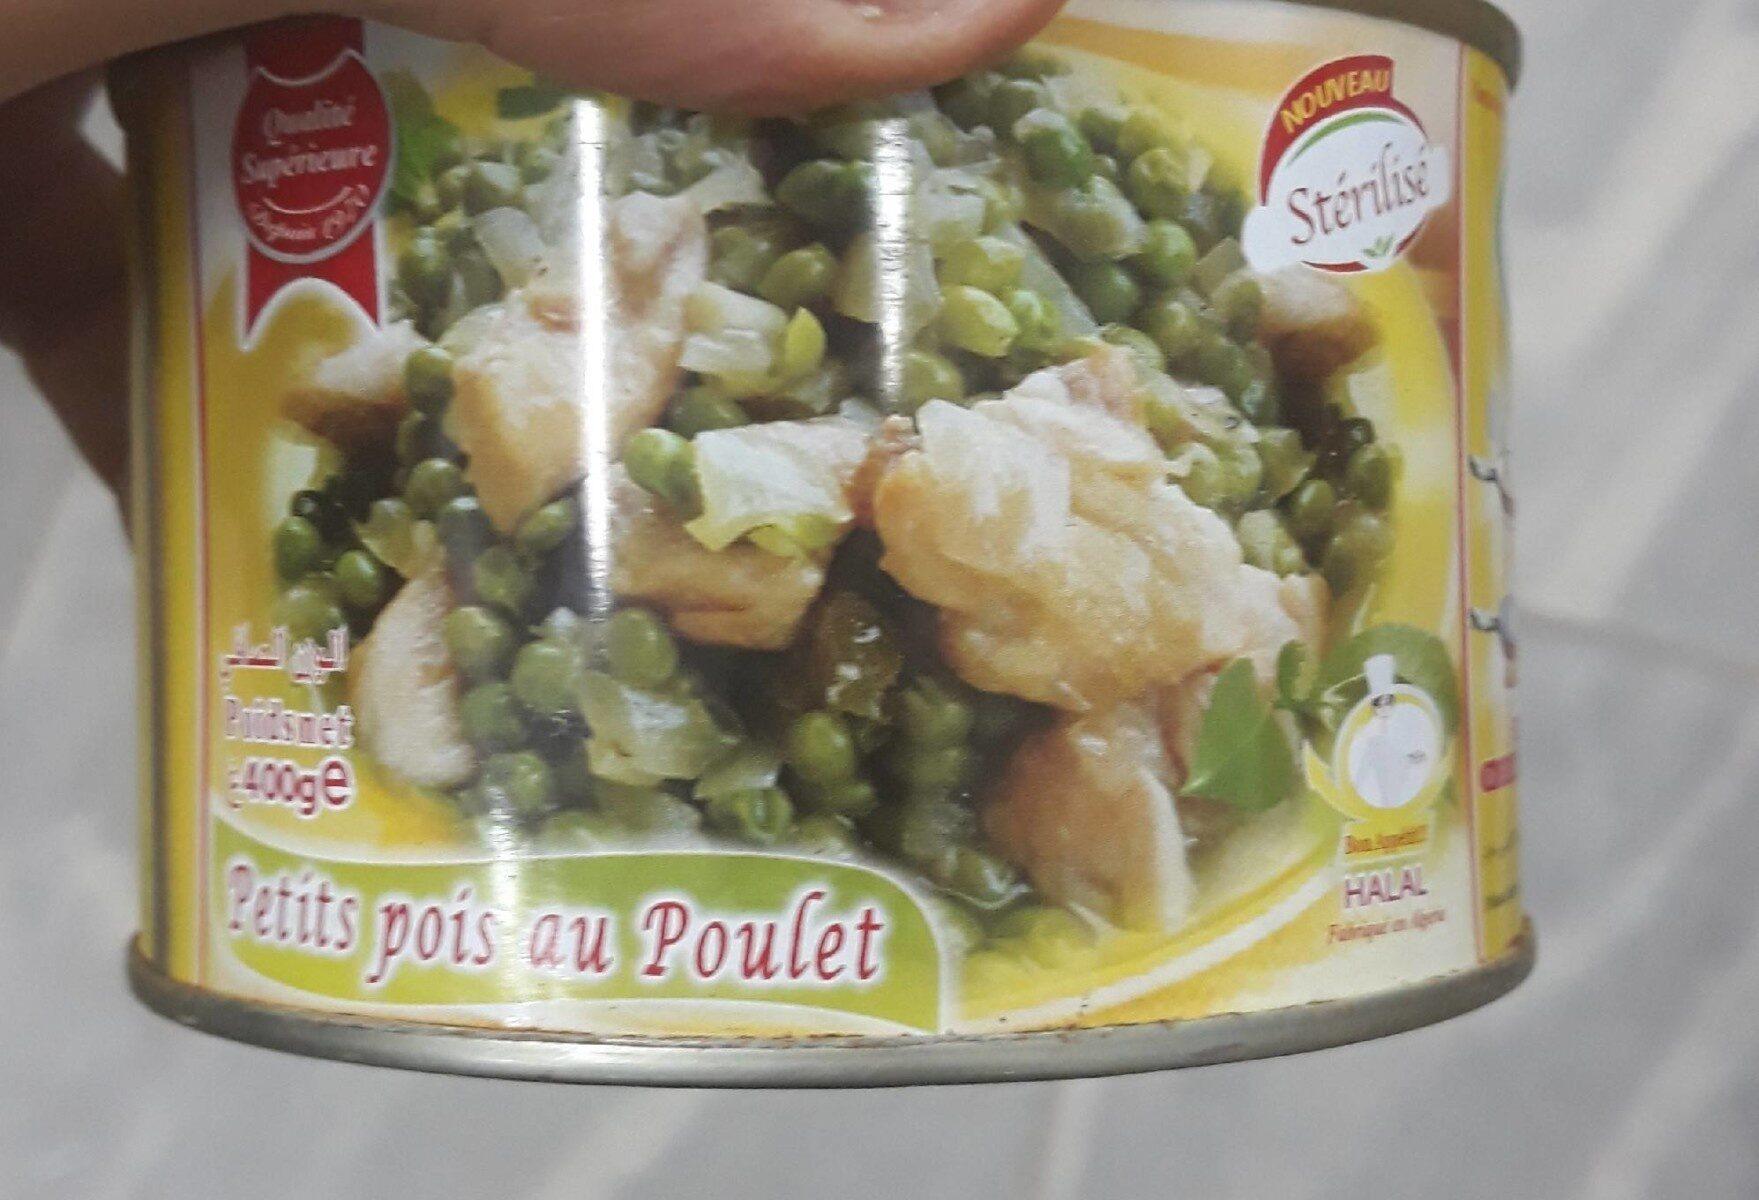 Petits pois au poulet - نتاج - fr